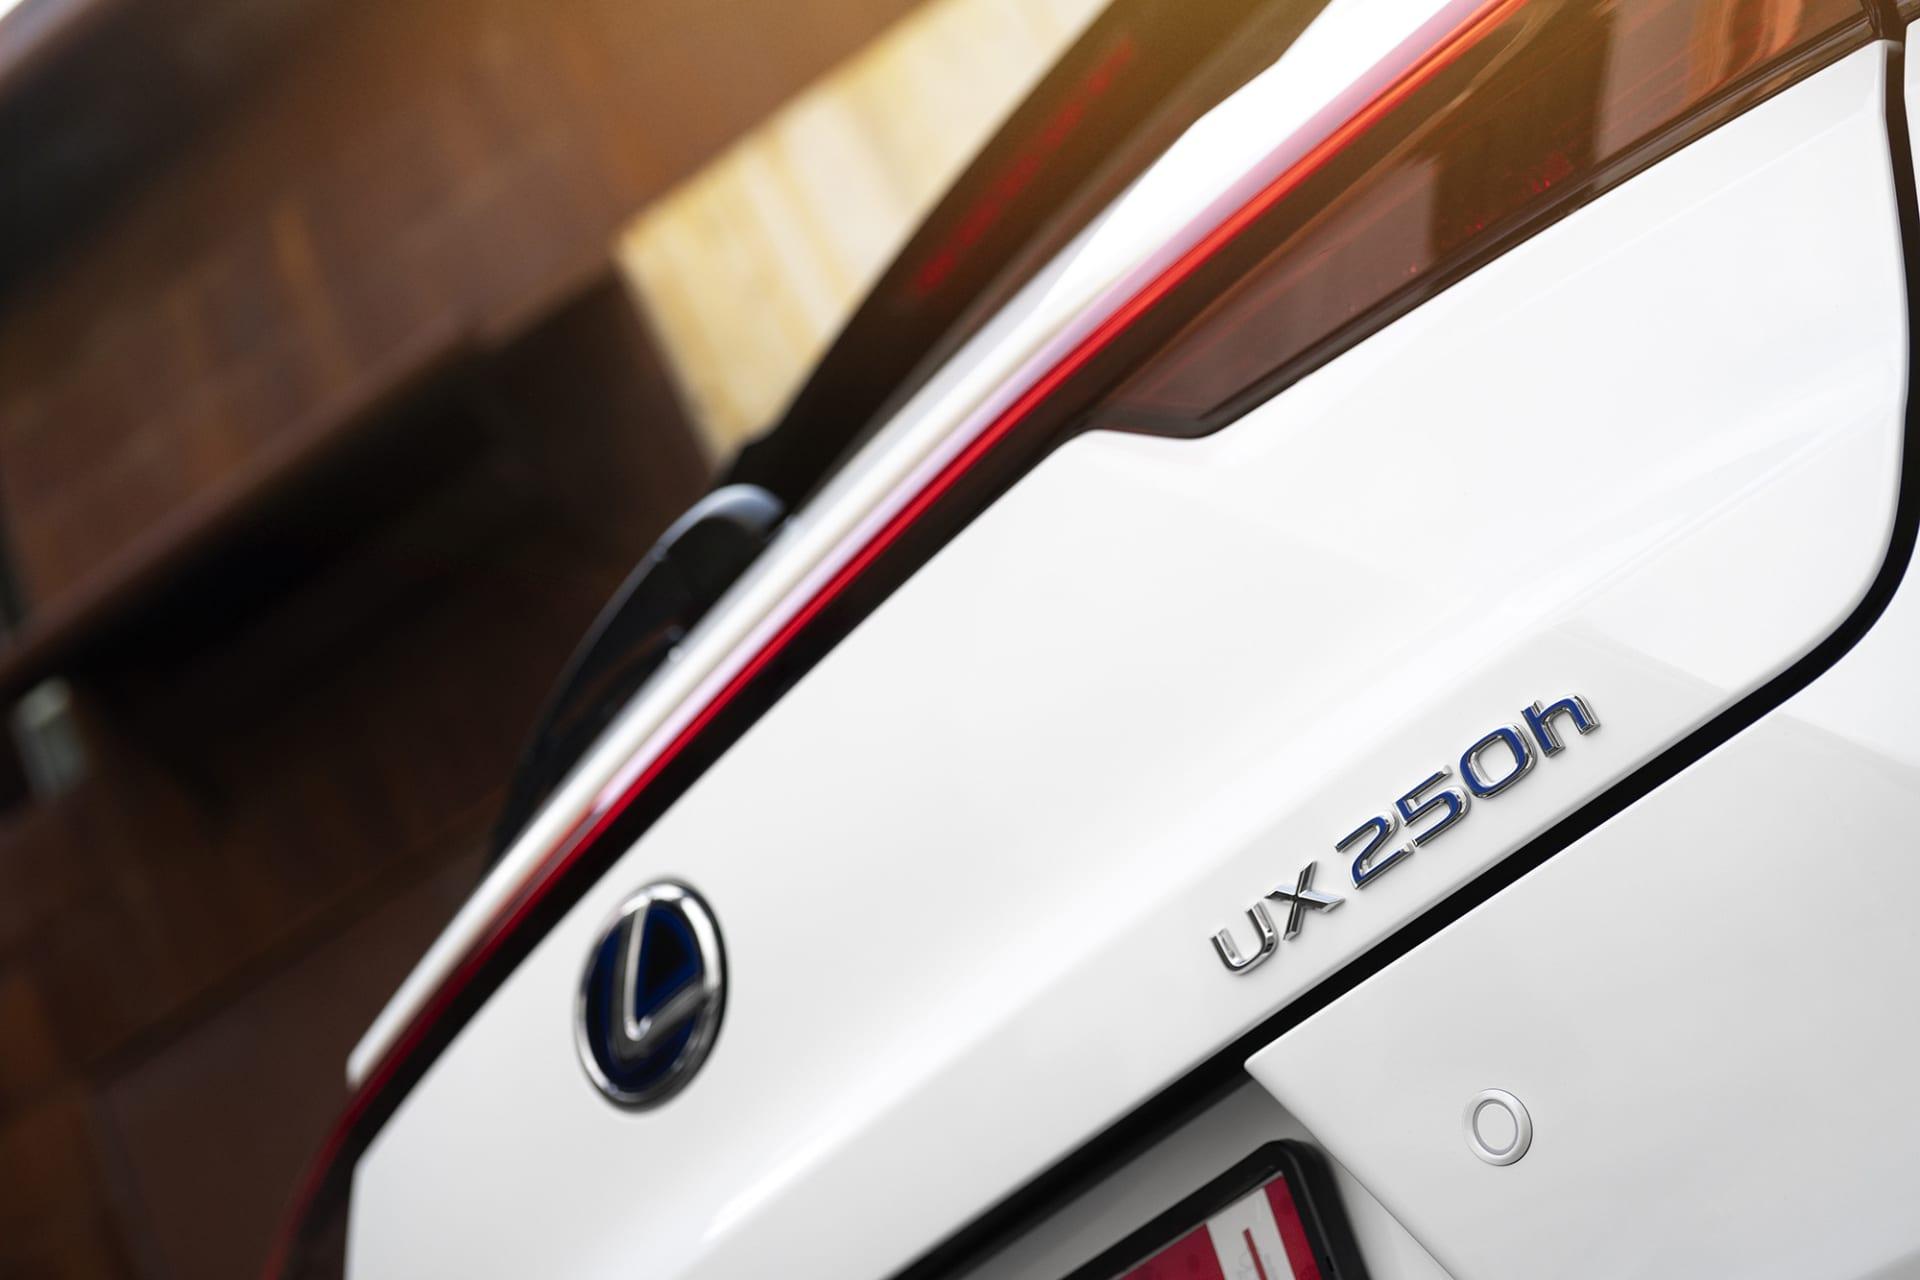 UX 250h är den minsta SUVen i Lexus familj och första i sitt segment med hybriddrift.